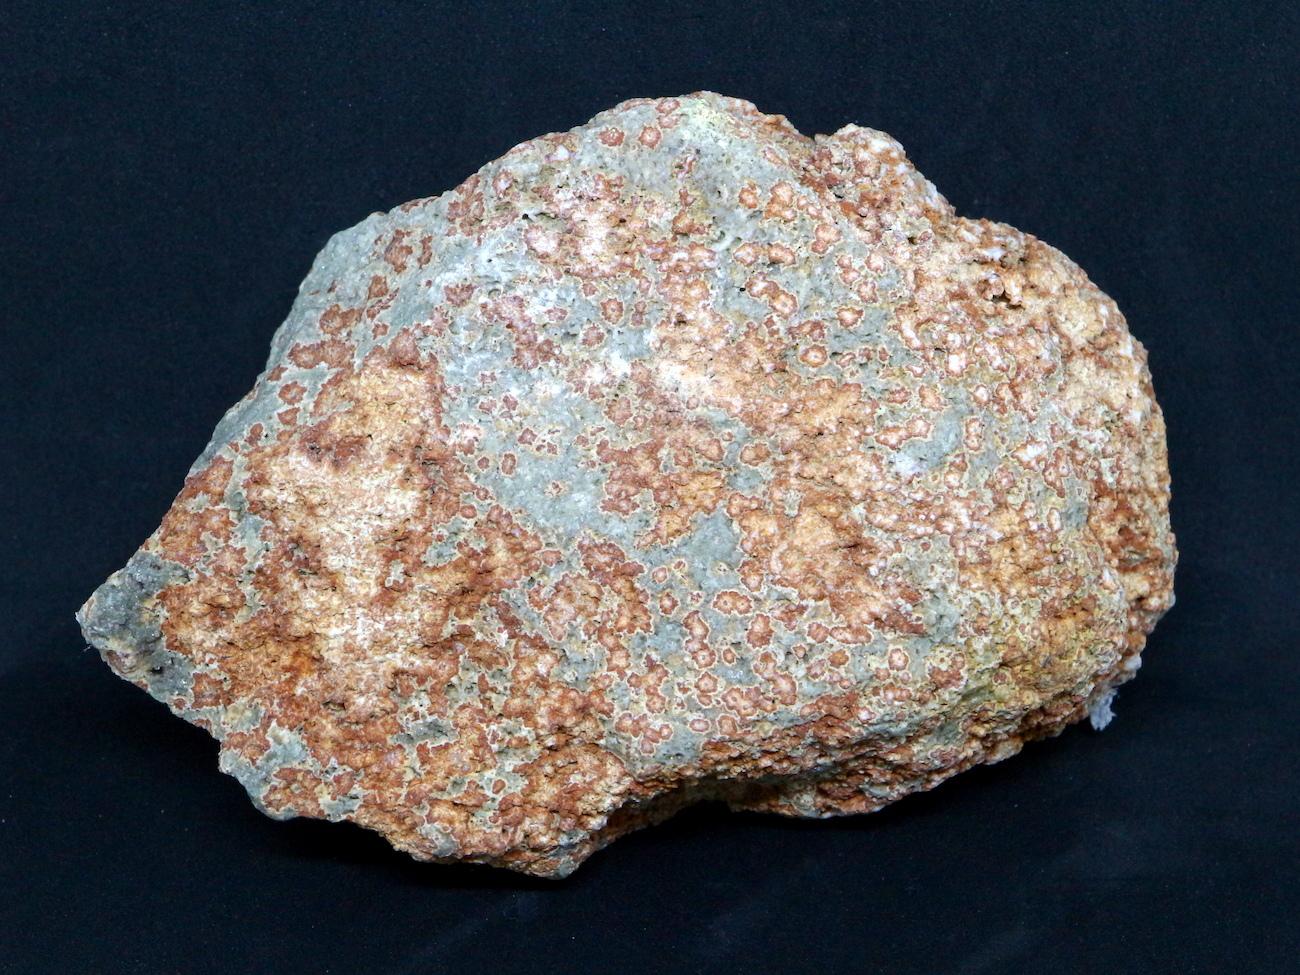 特大!オーシャンジャスパー マダガスカル産 558g OJ067 鉱物 天然石 原石 パワーストーン